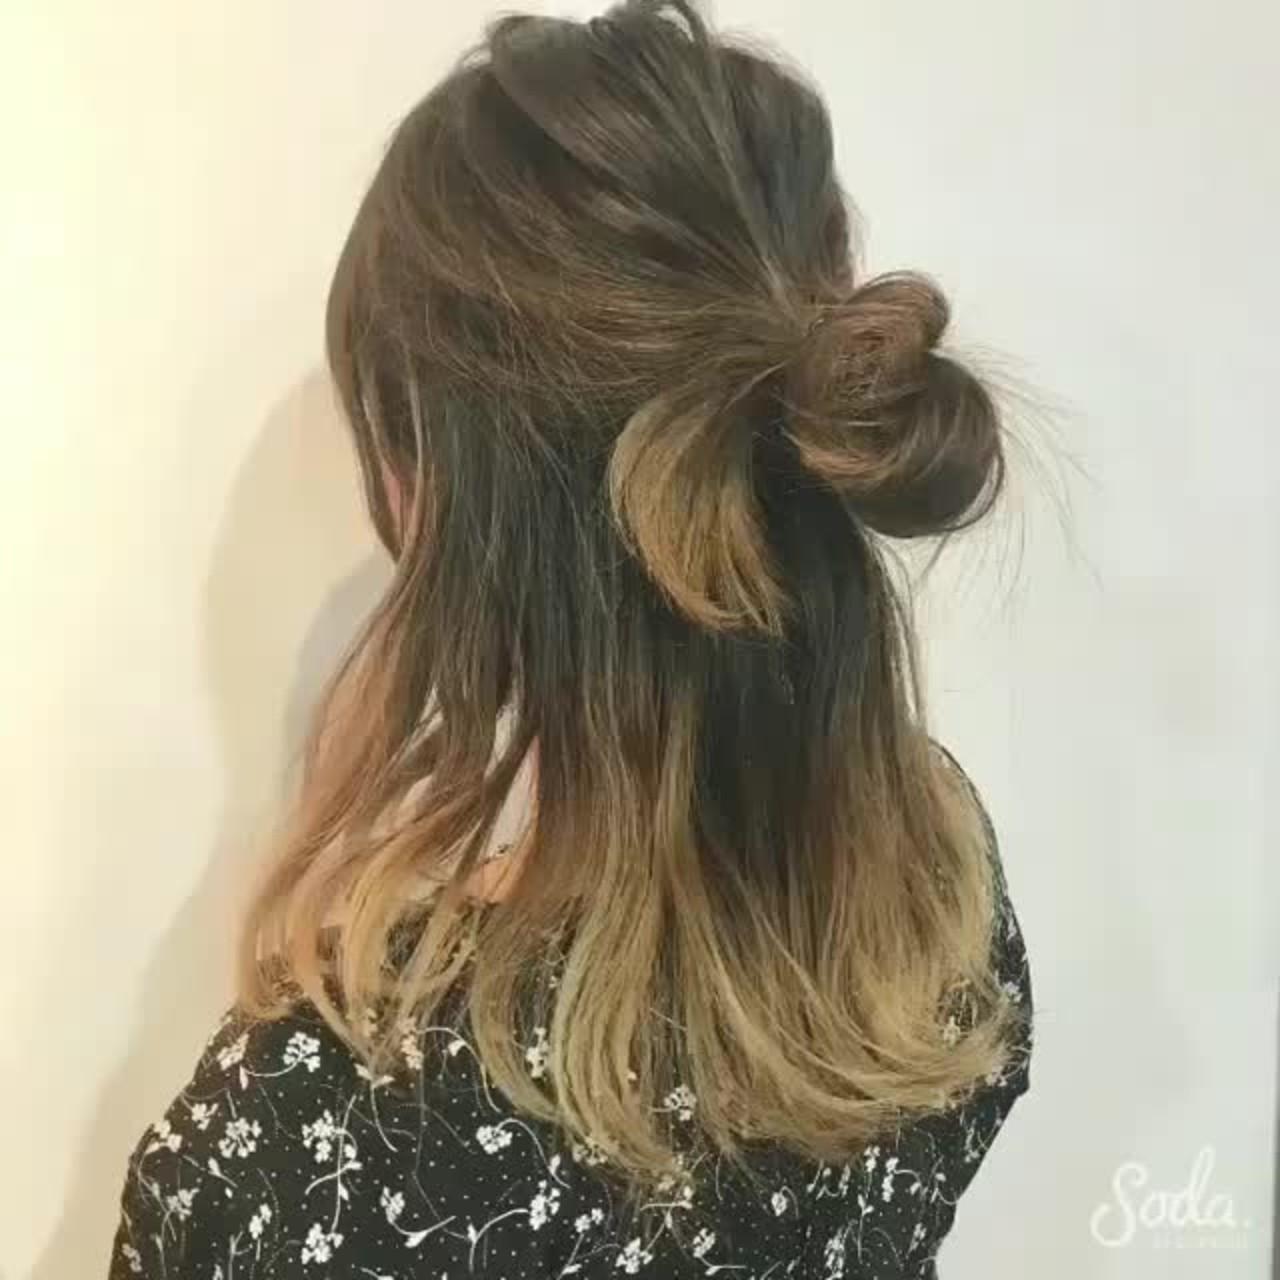 忙しい時でもすぐできるミディアムヘアの簡単アレンジ yamashita manami | Oto